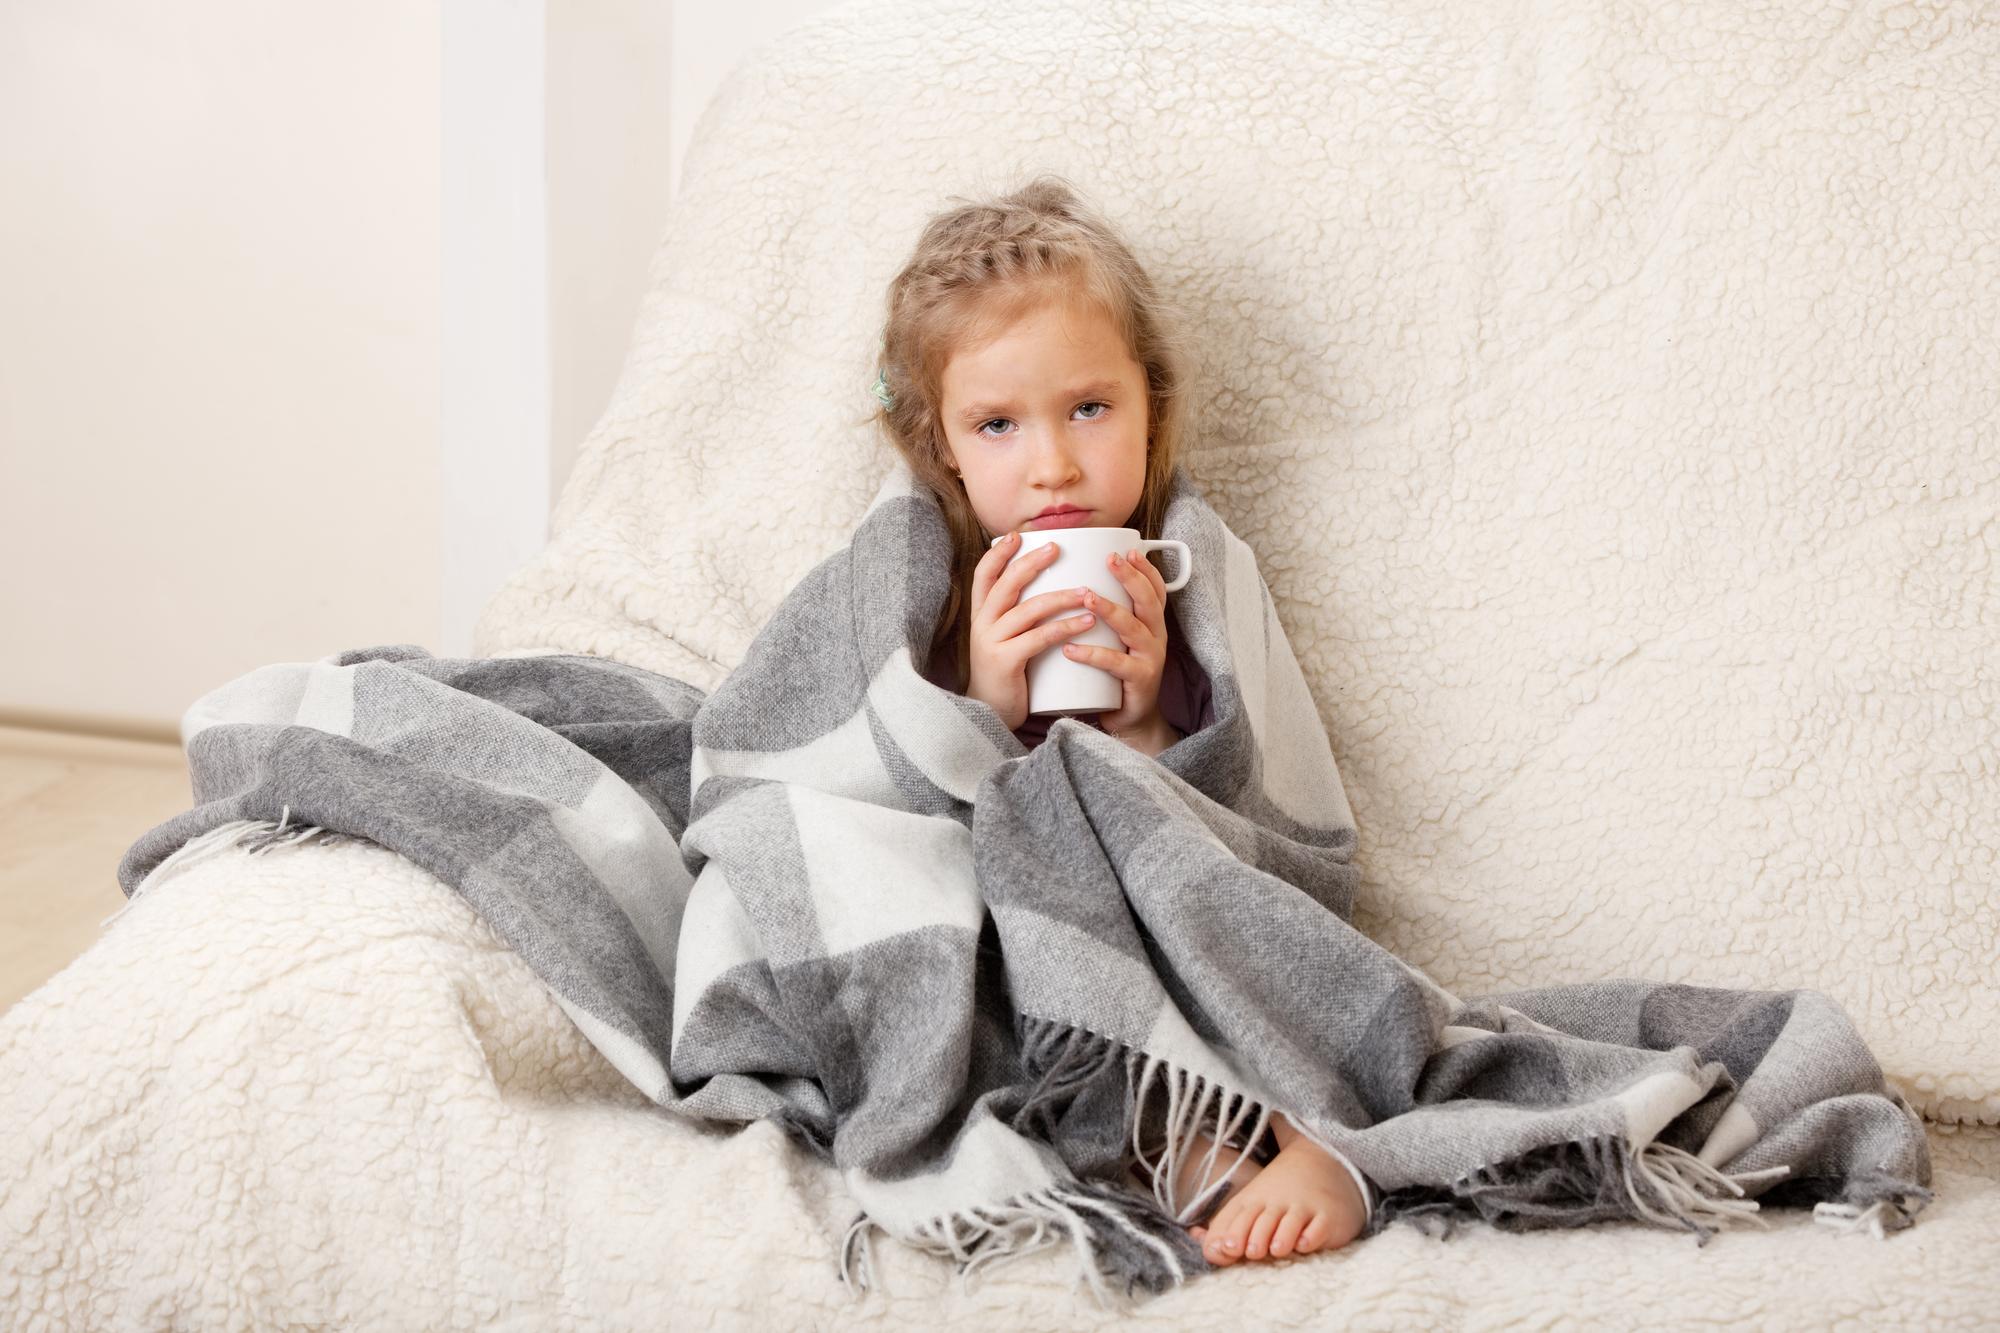 Коклюш у ребенка: что делать и как лечить